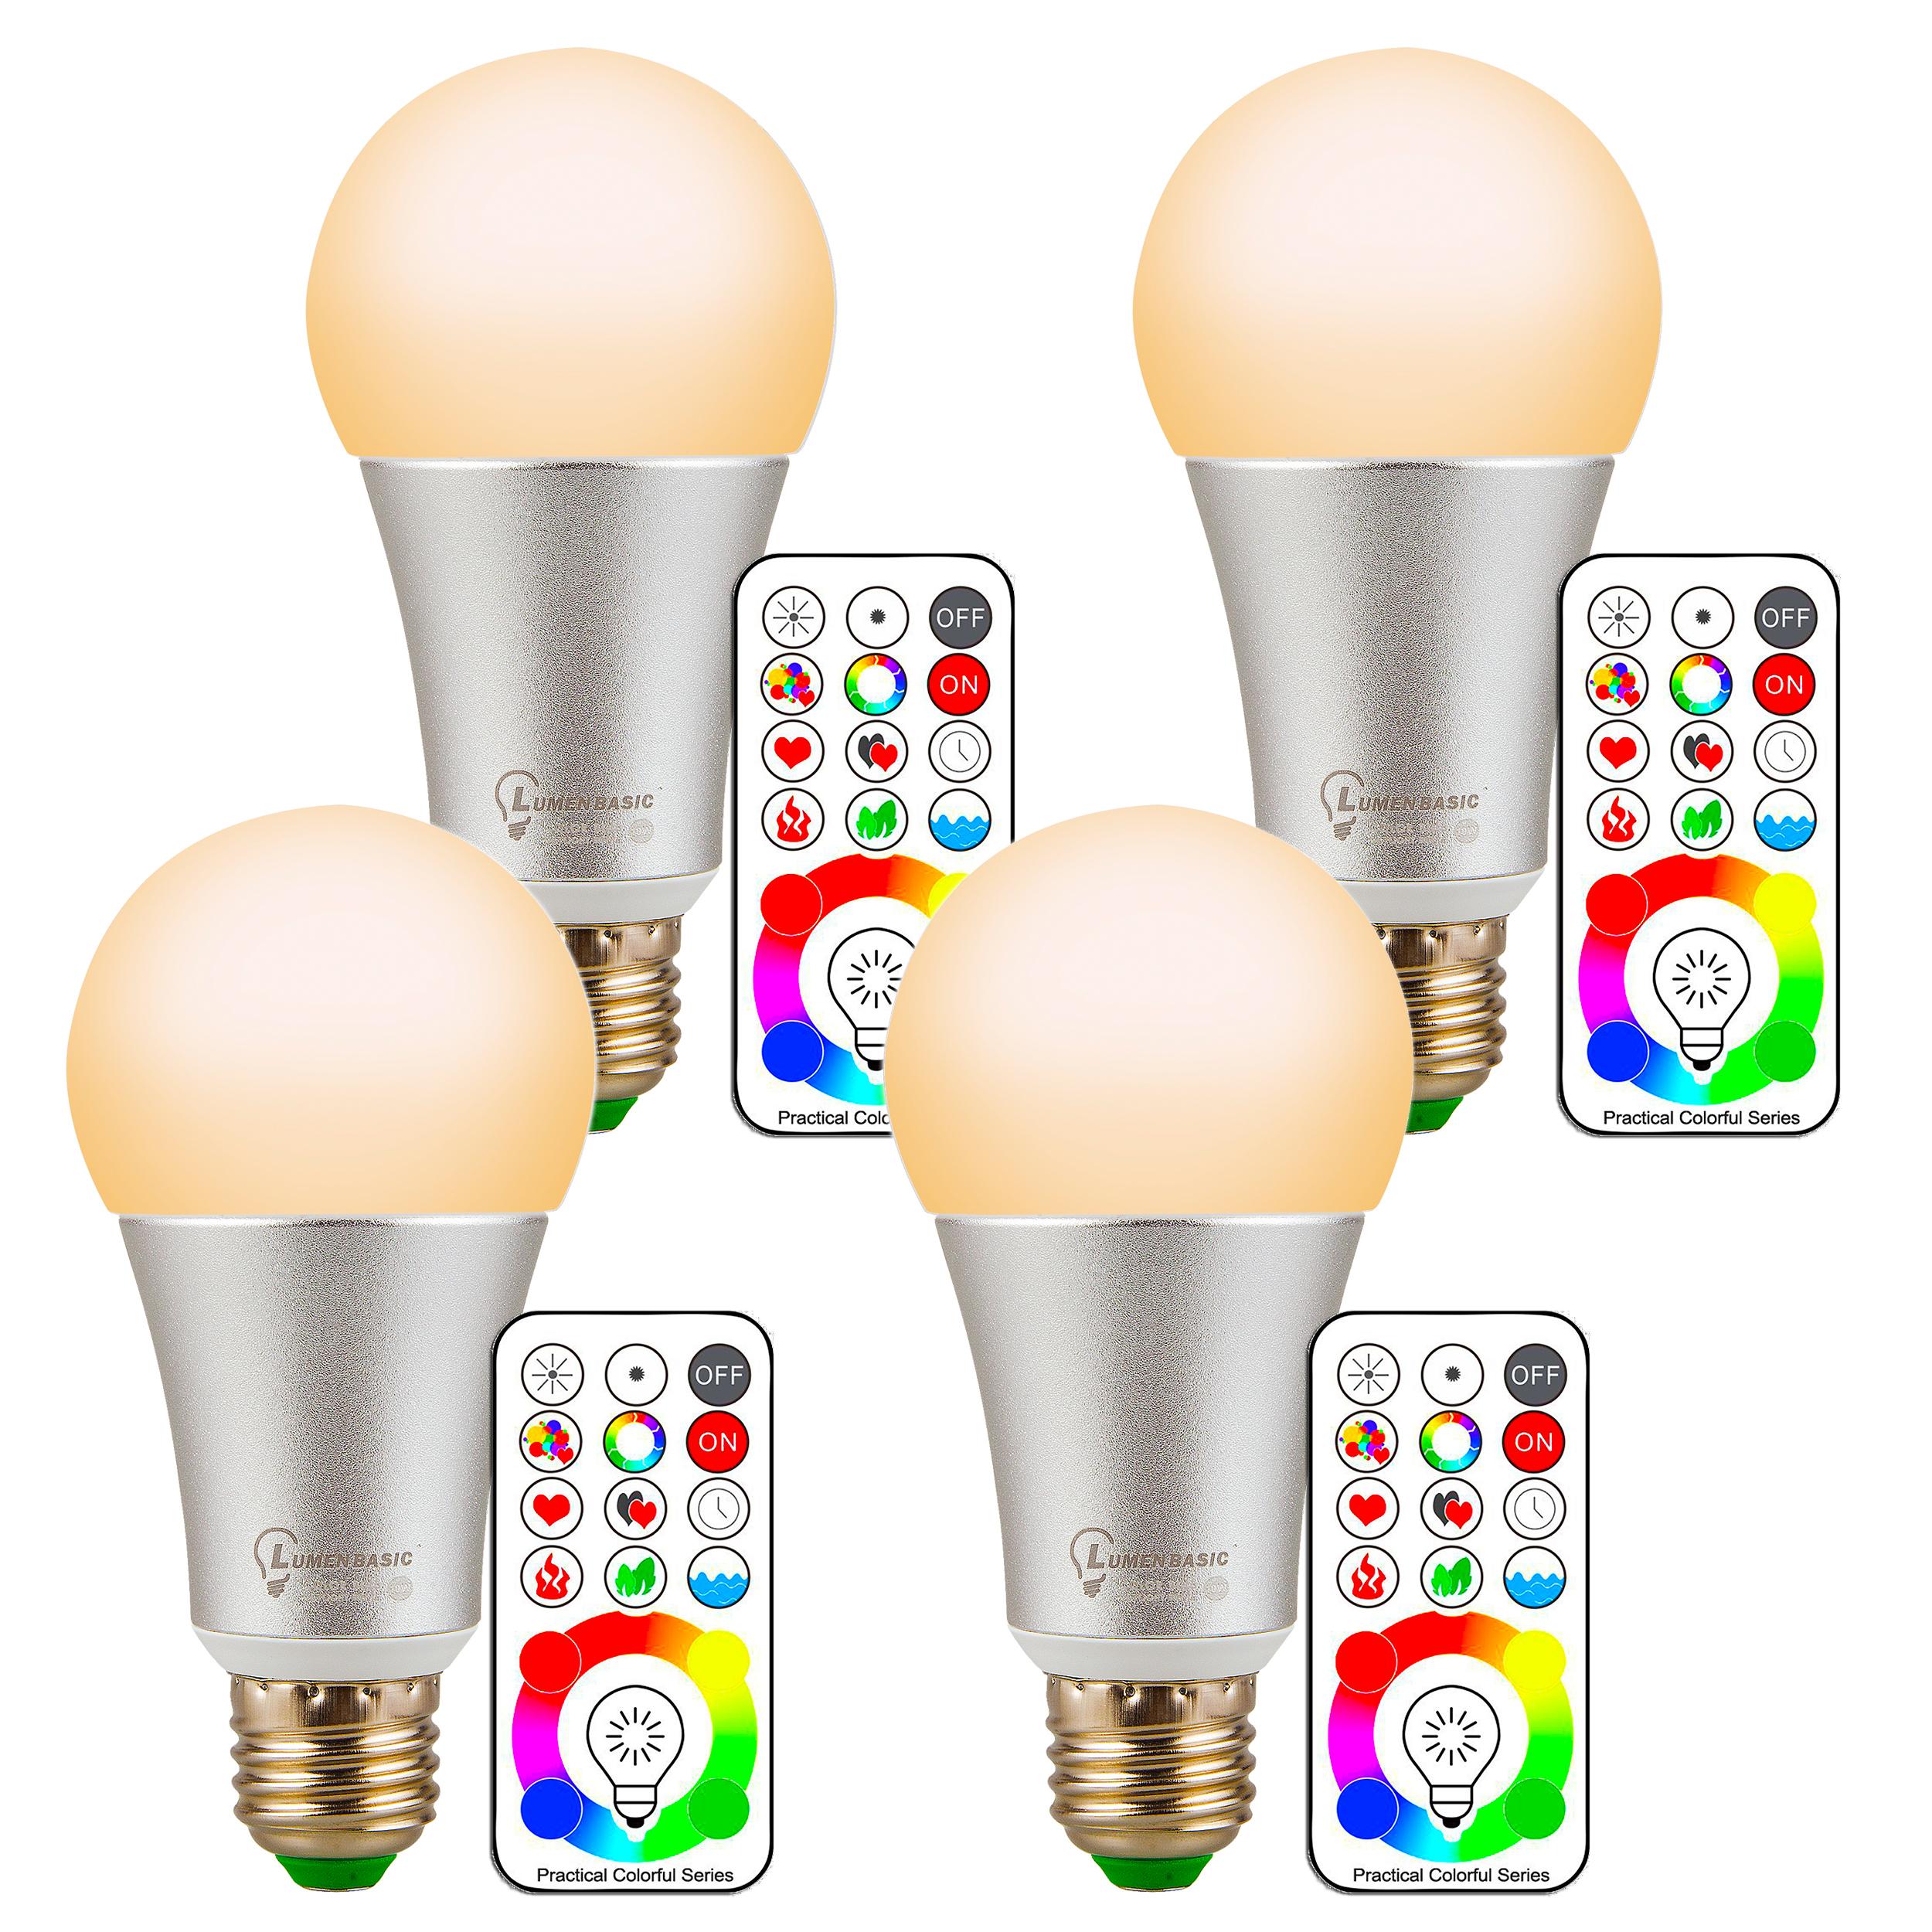 Lumenbasic 60 Watt Color Changing Light Bulbs Rgb Wiring A Bulb